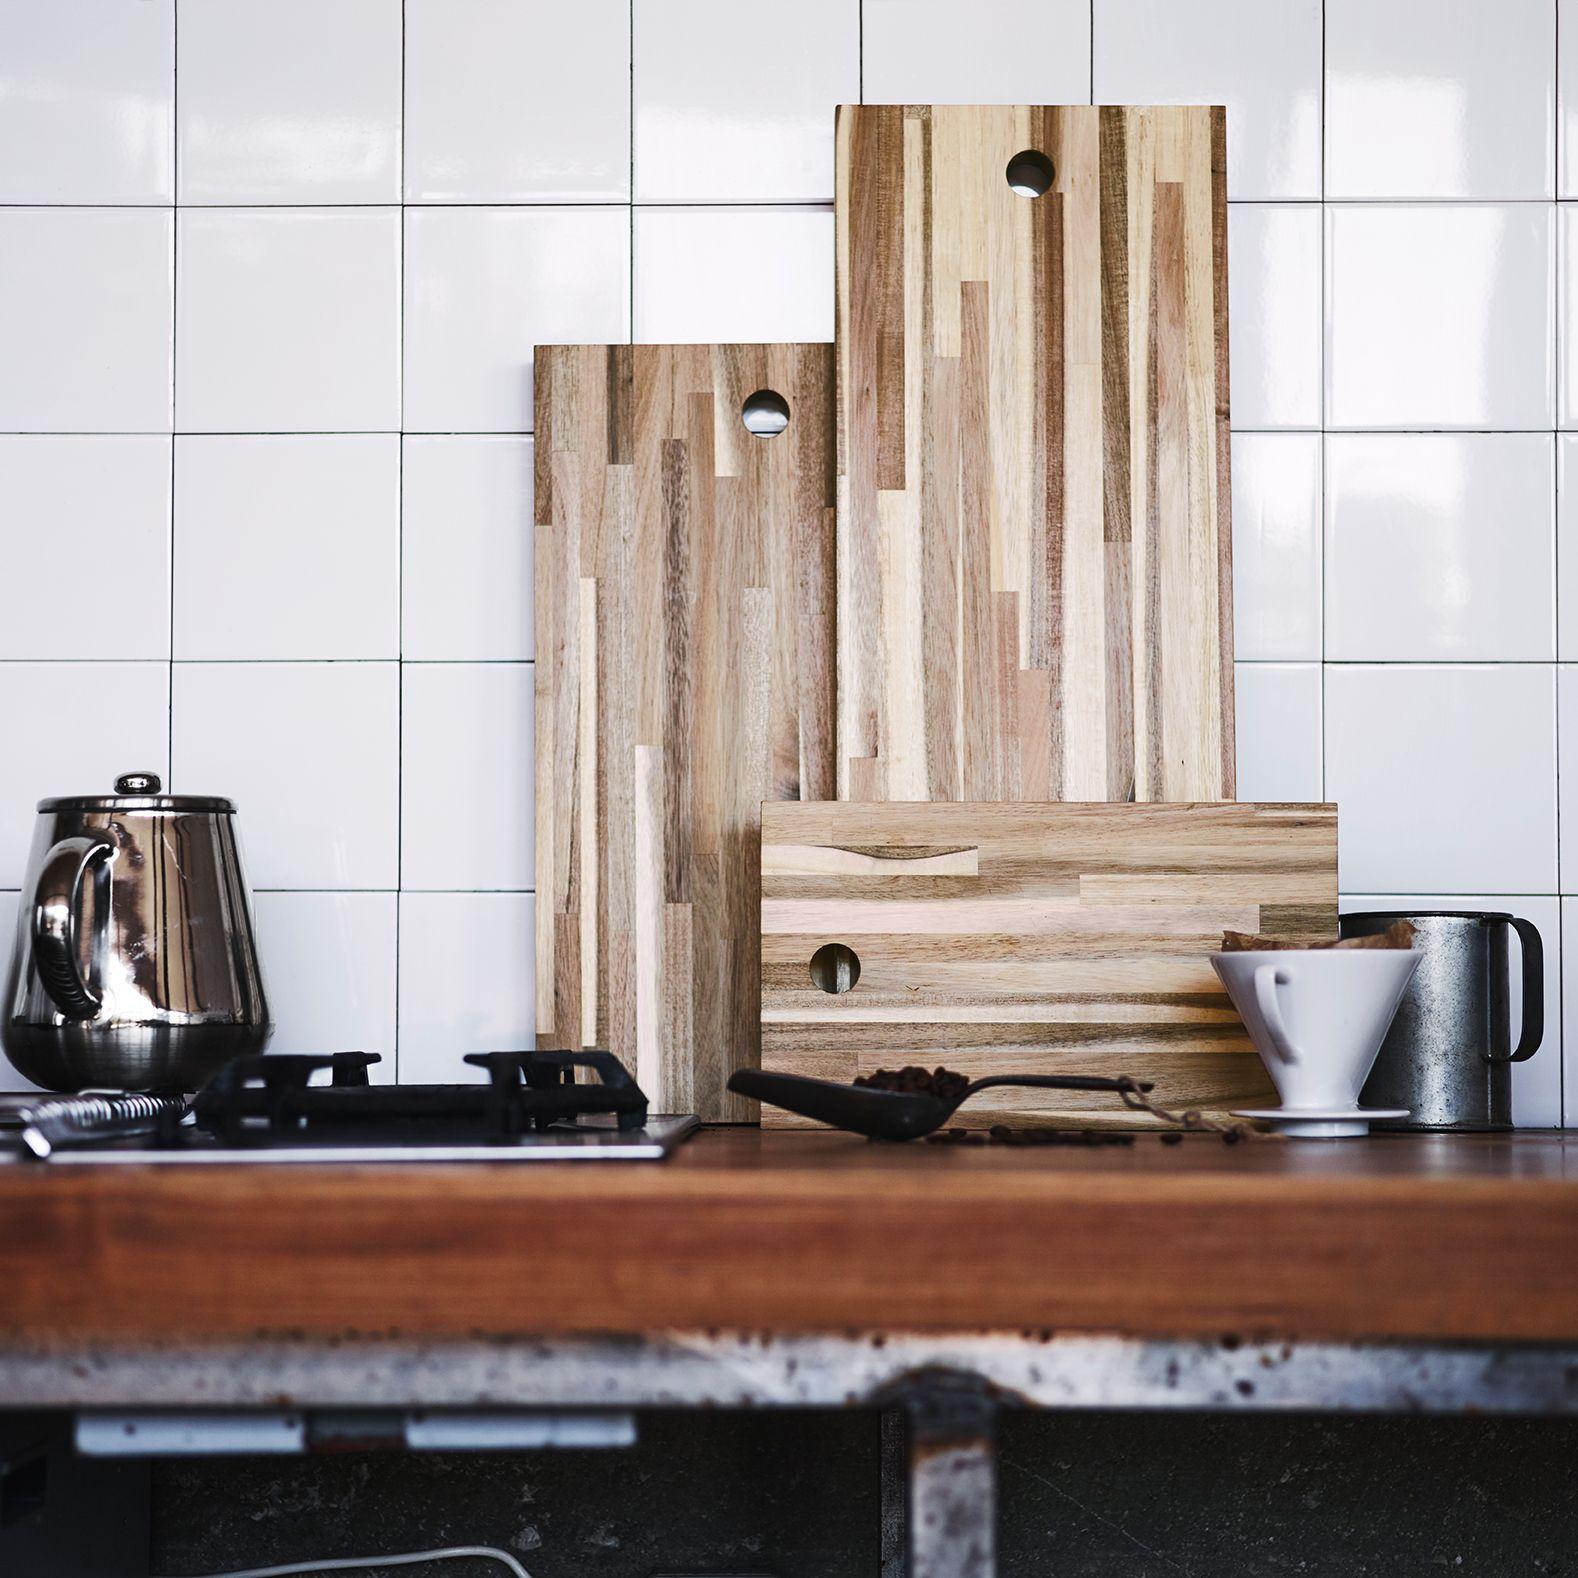 Ikea Kitchen Usa: Ikea Skogsta Collection